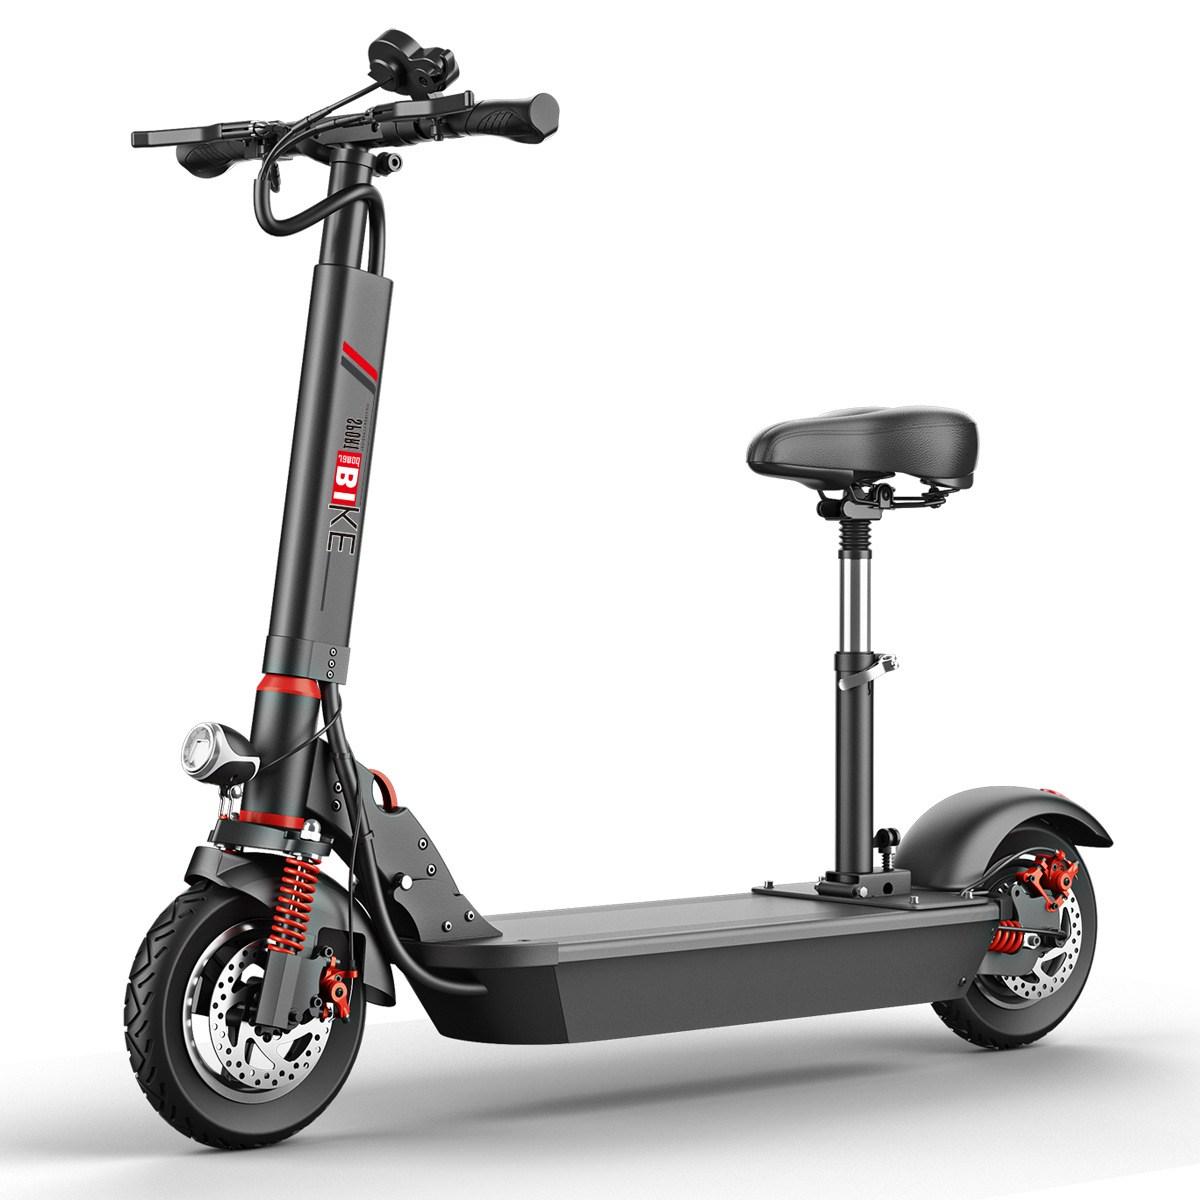 - 가성비 접이식 전동 킥보드 전기킥보드 스쿠터 전기자전거 출퇴근용 레저용 업무용(관부과세포함가격), 36V 8AH